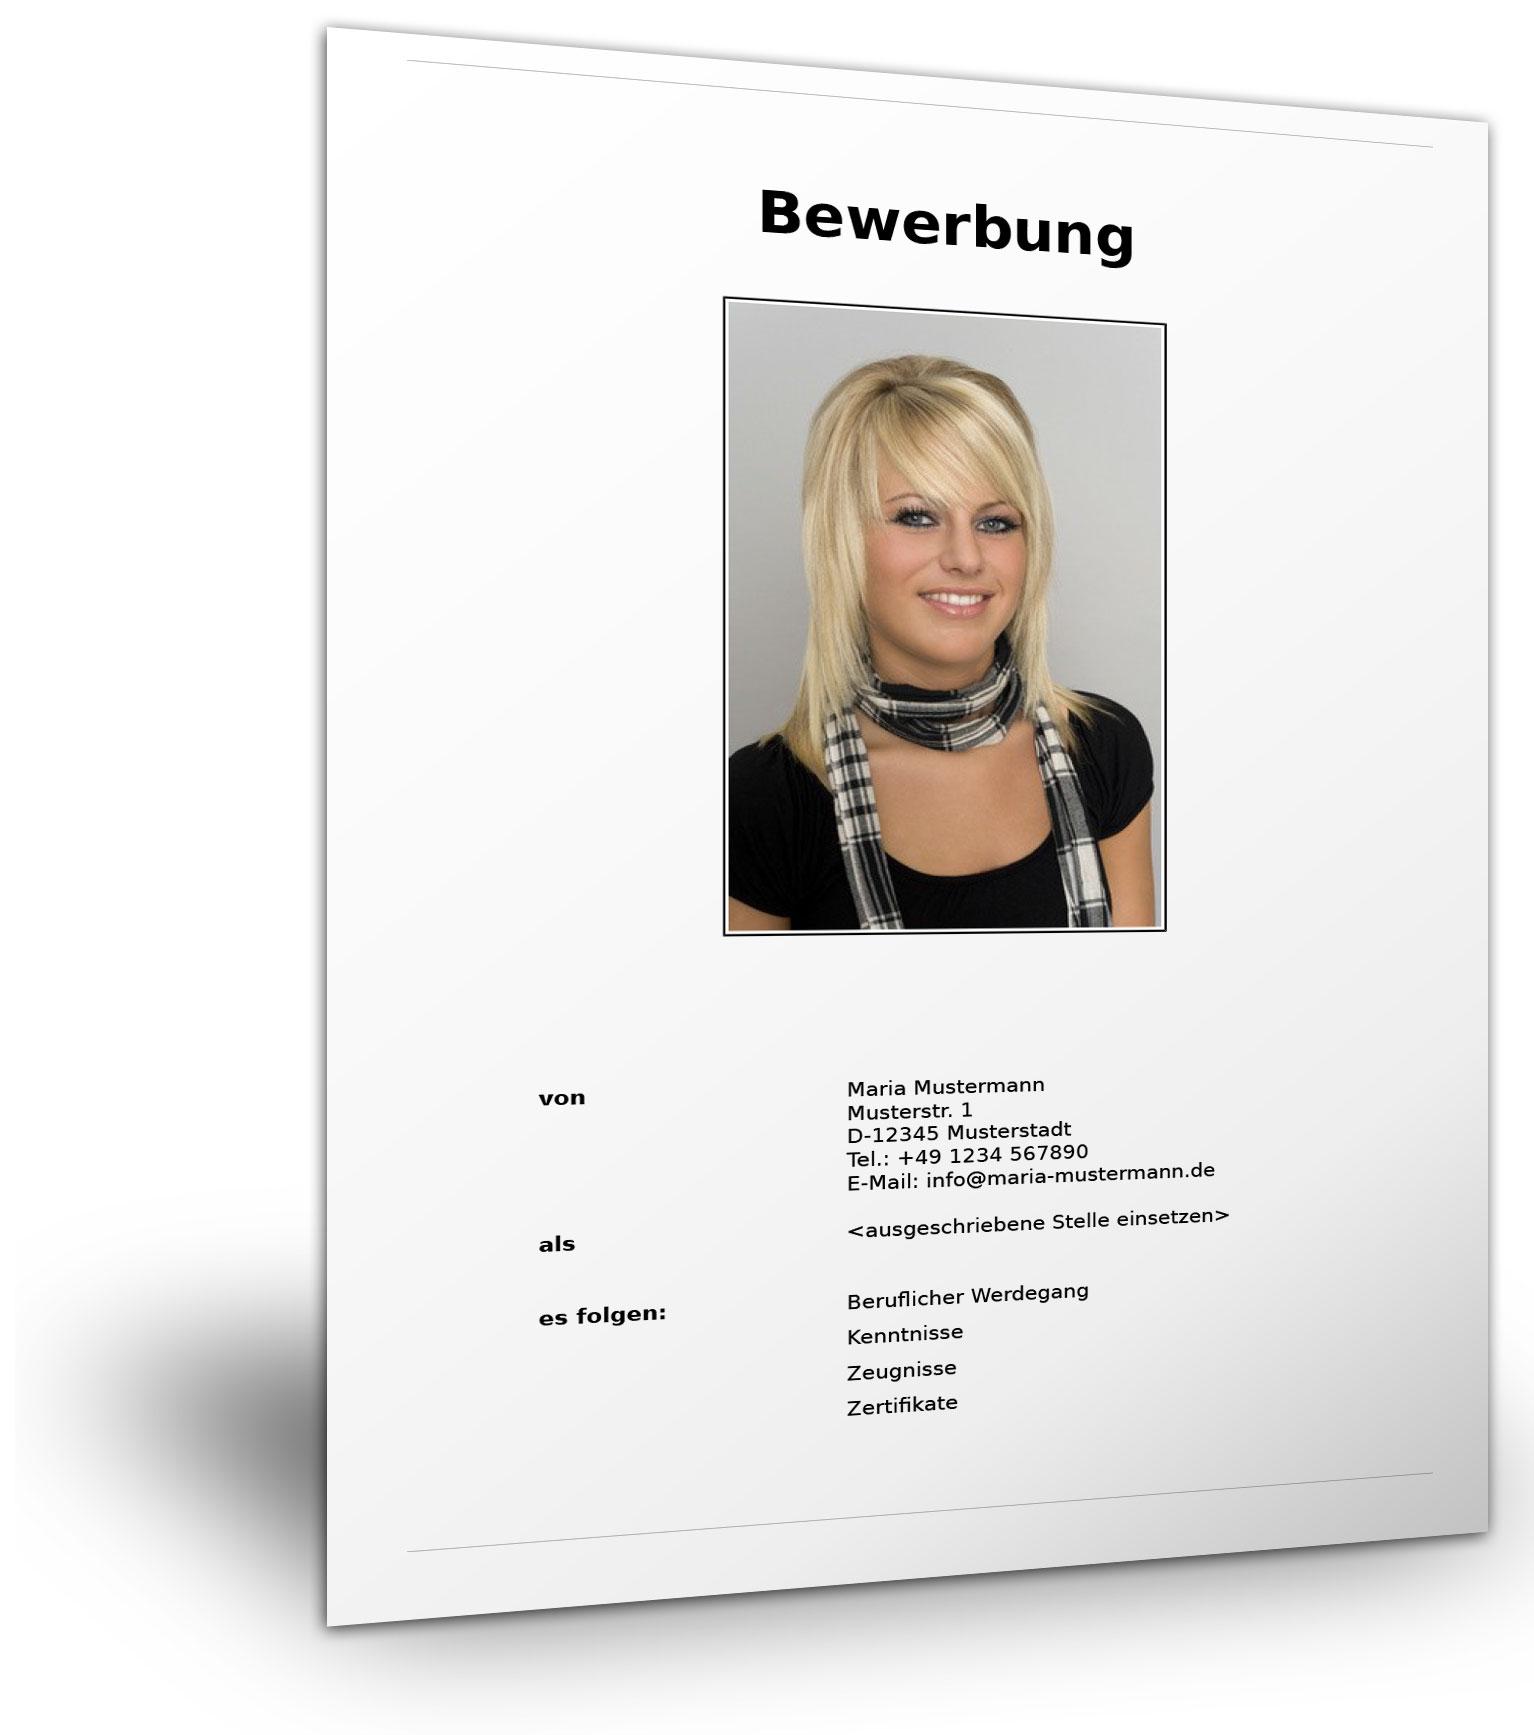 3_bewerbung-deckblatt-vorlage